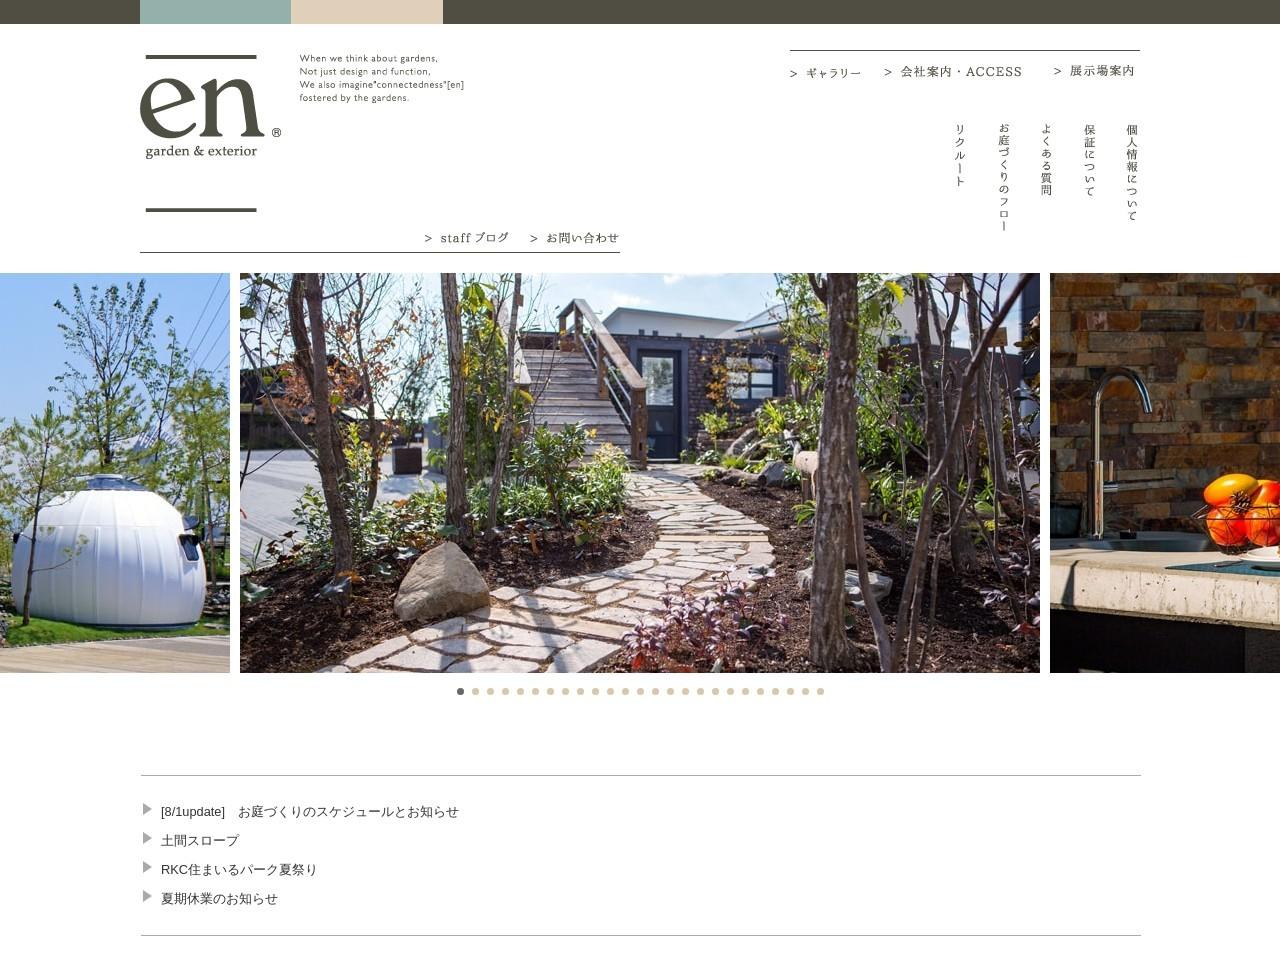 ガーデン&エクステリアエン